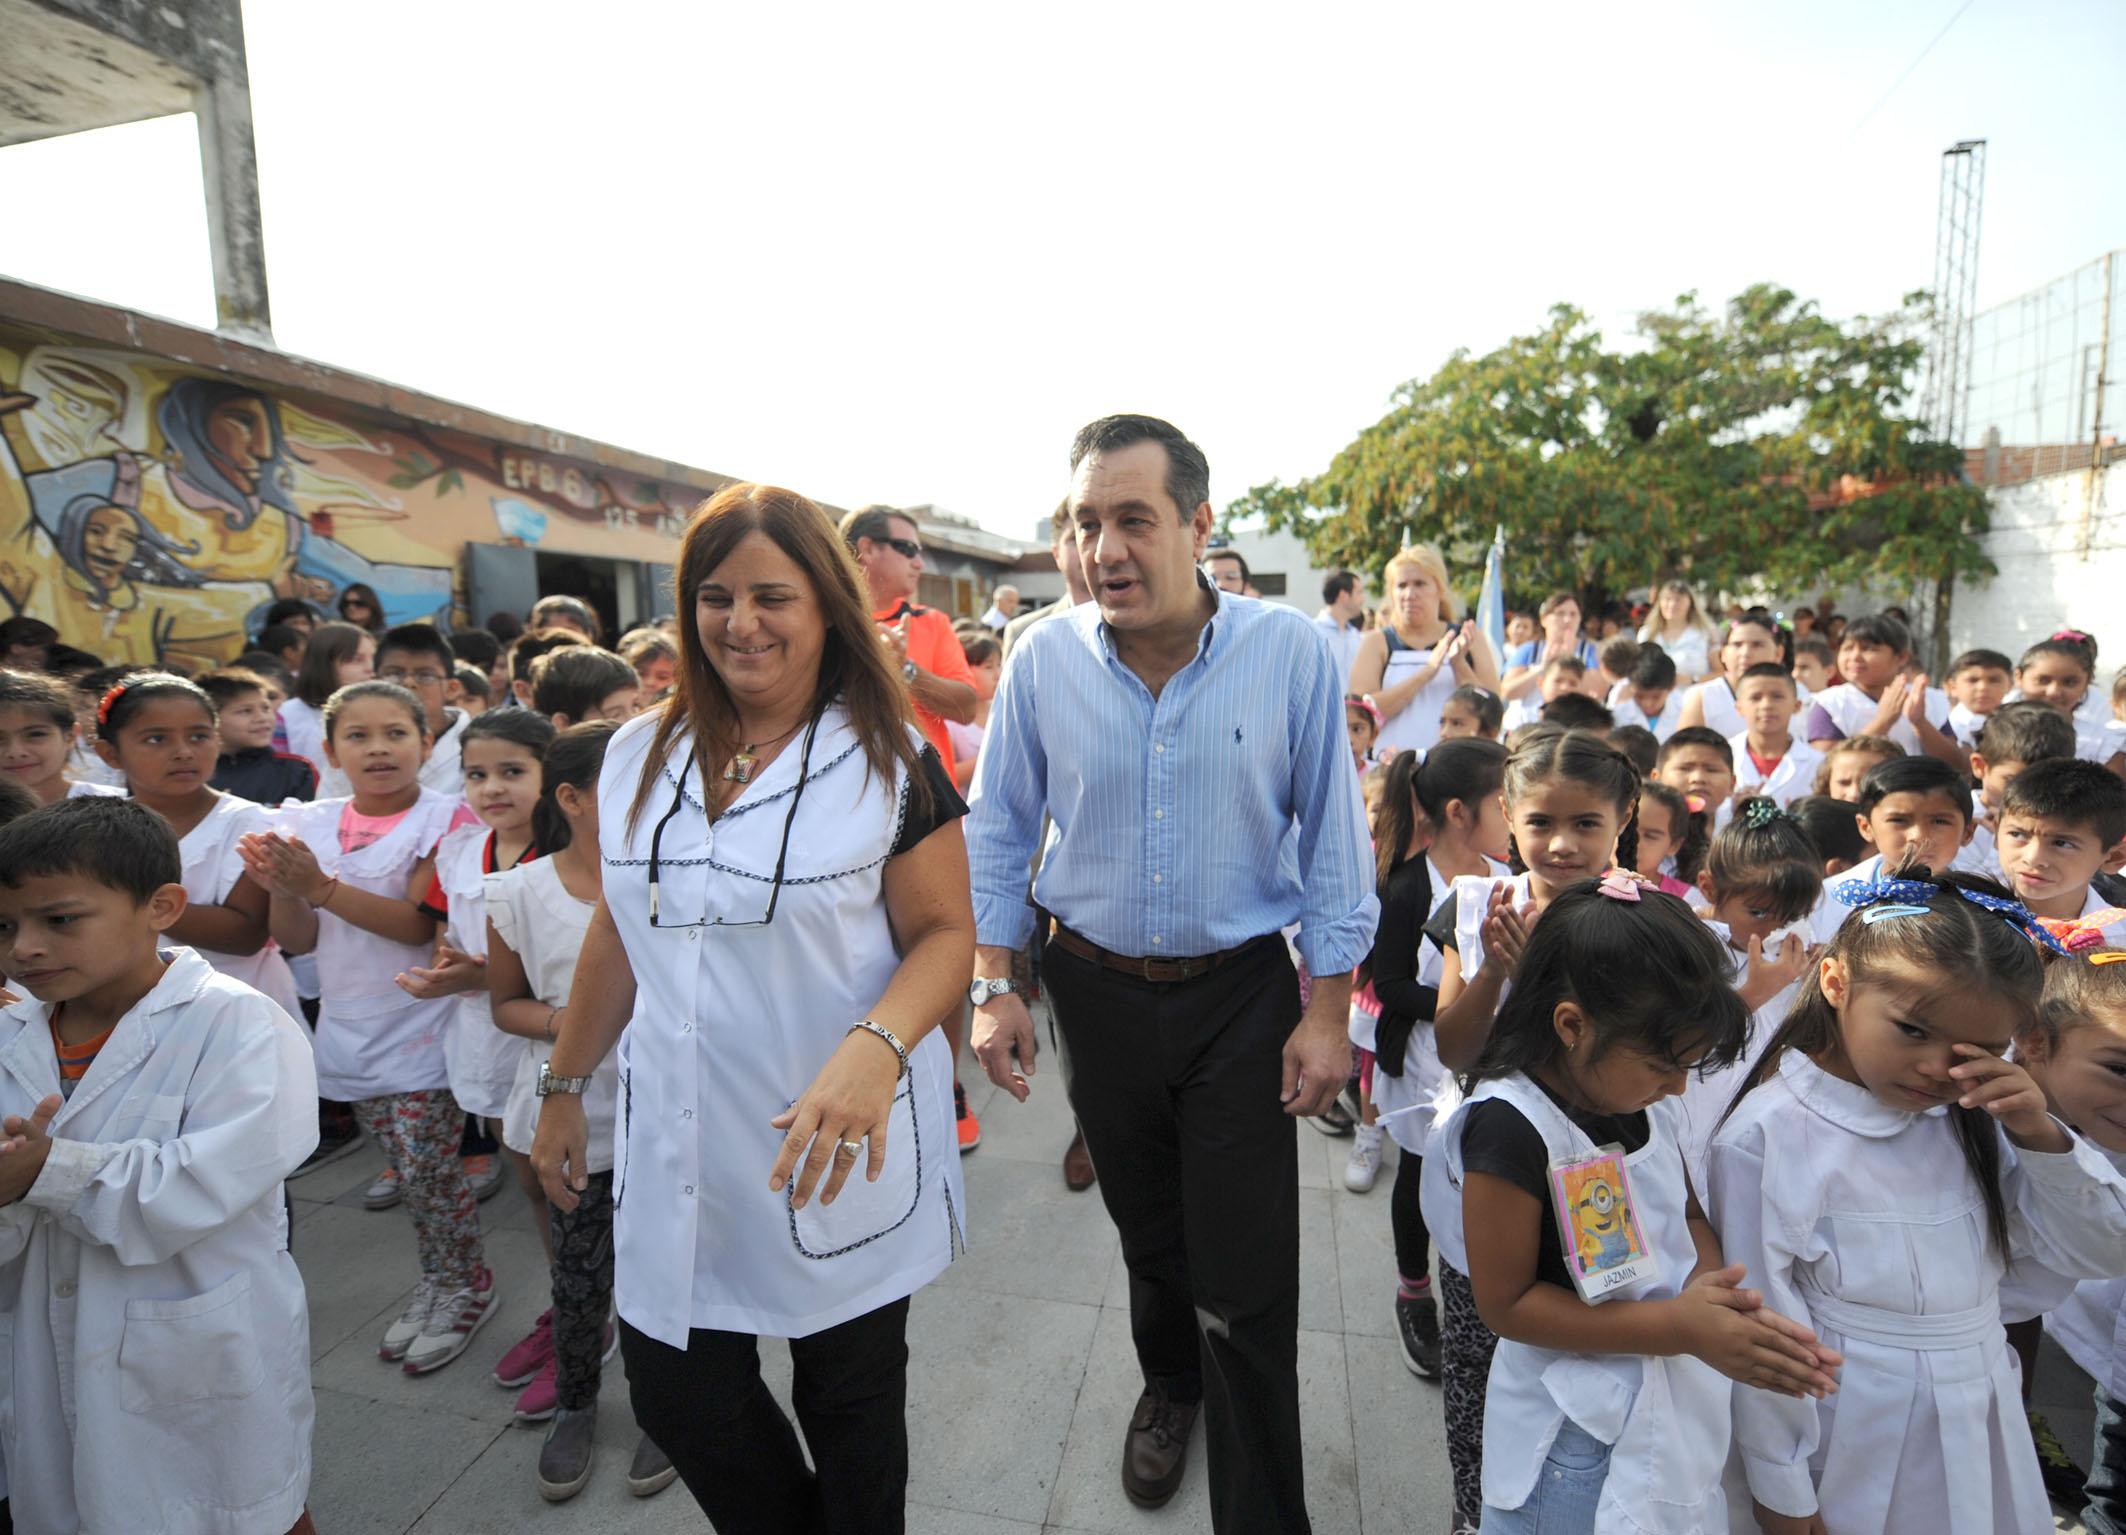 Noticias_chivilcoy4marzo 2016 - Finocchiaro visitó la Escuela 6 de La Matanza donde curso primaria 1